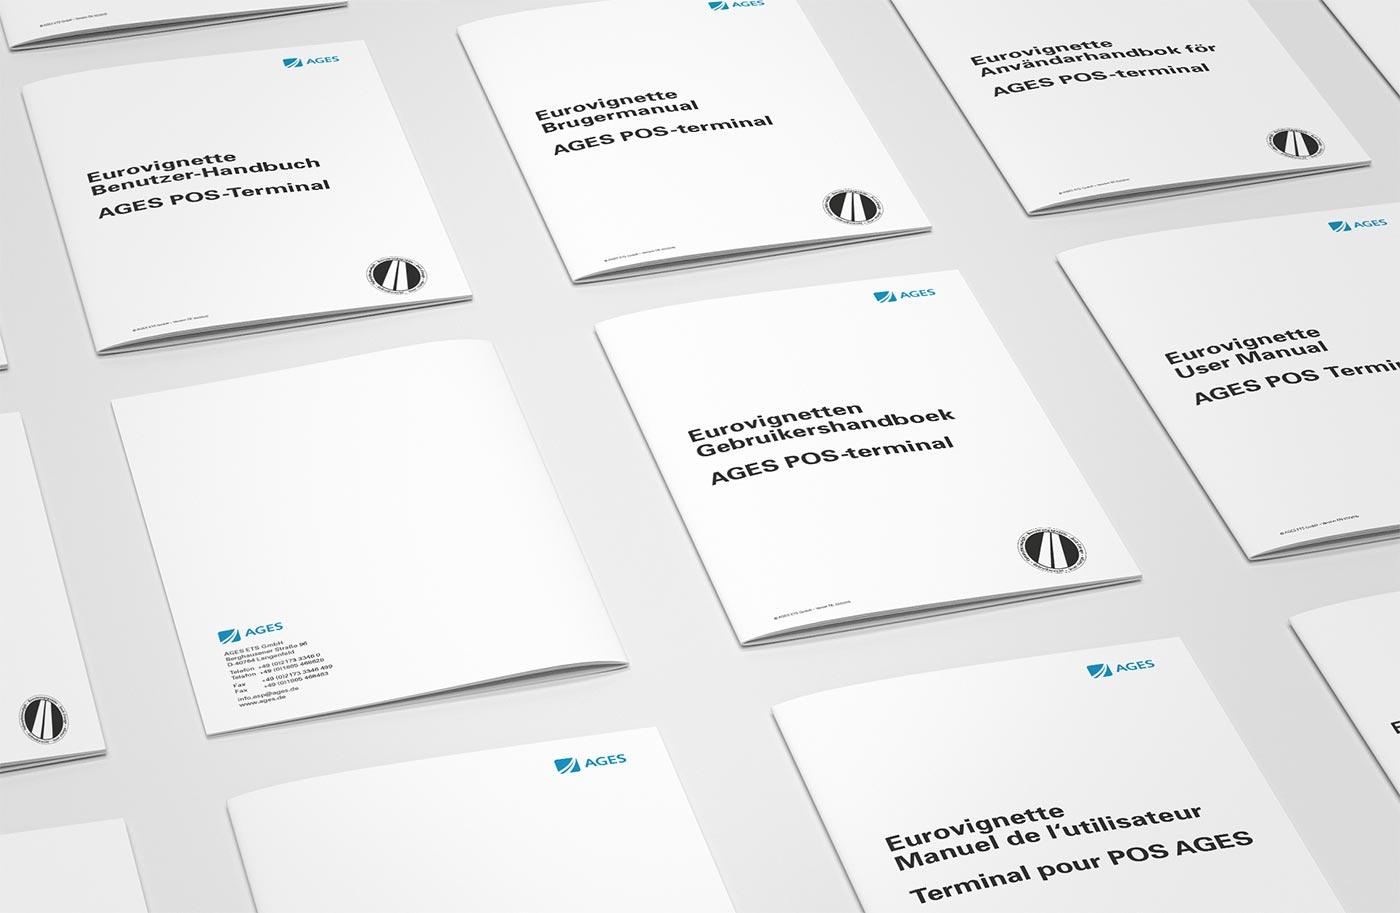 Gestaltung einer Bedienungsanleitung für POS-Terminals und Lokalisierung in fünf Sprachen.